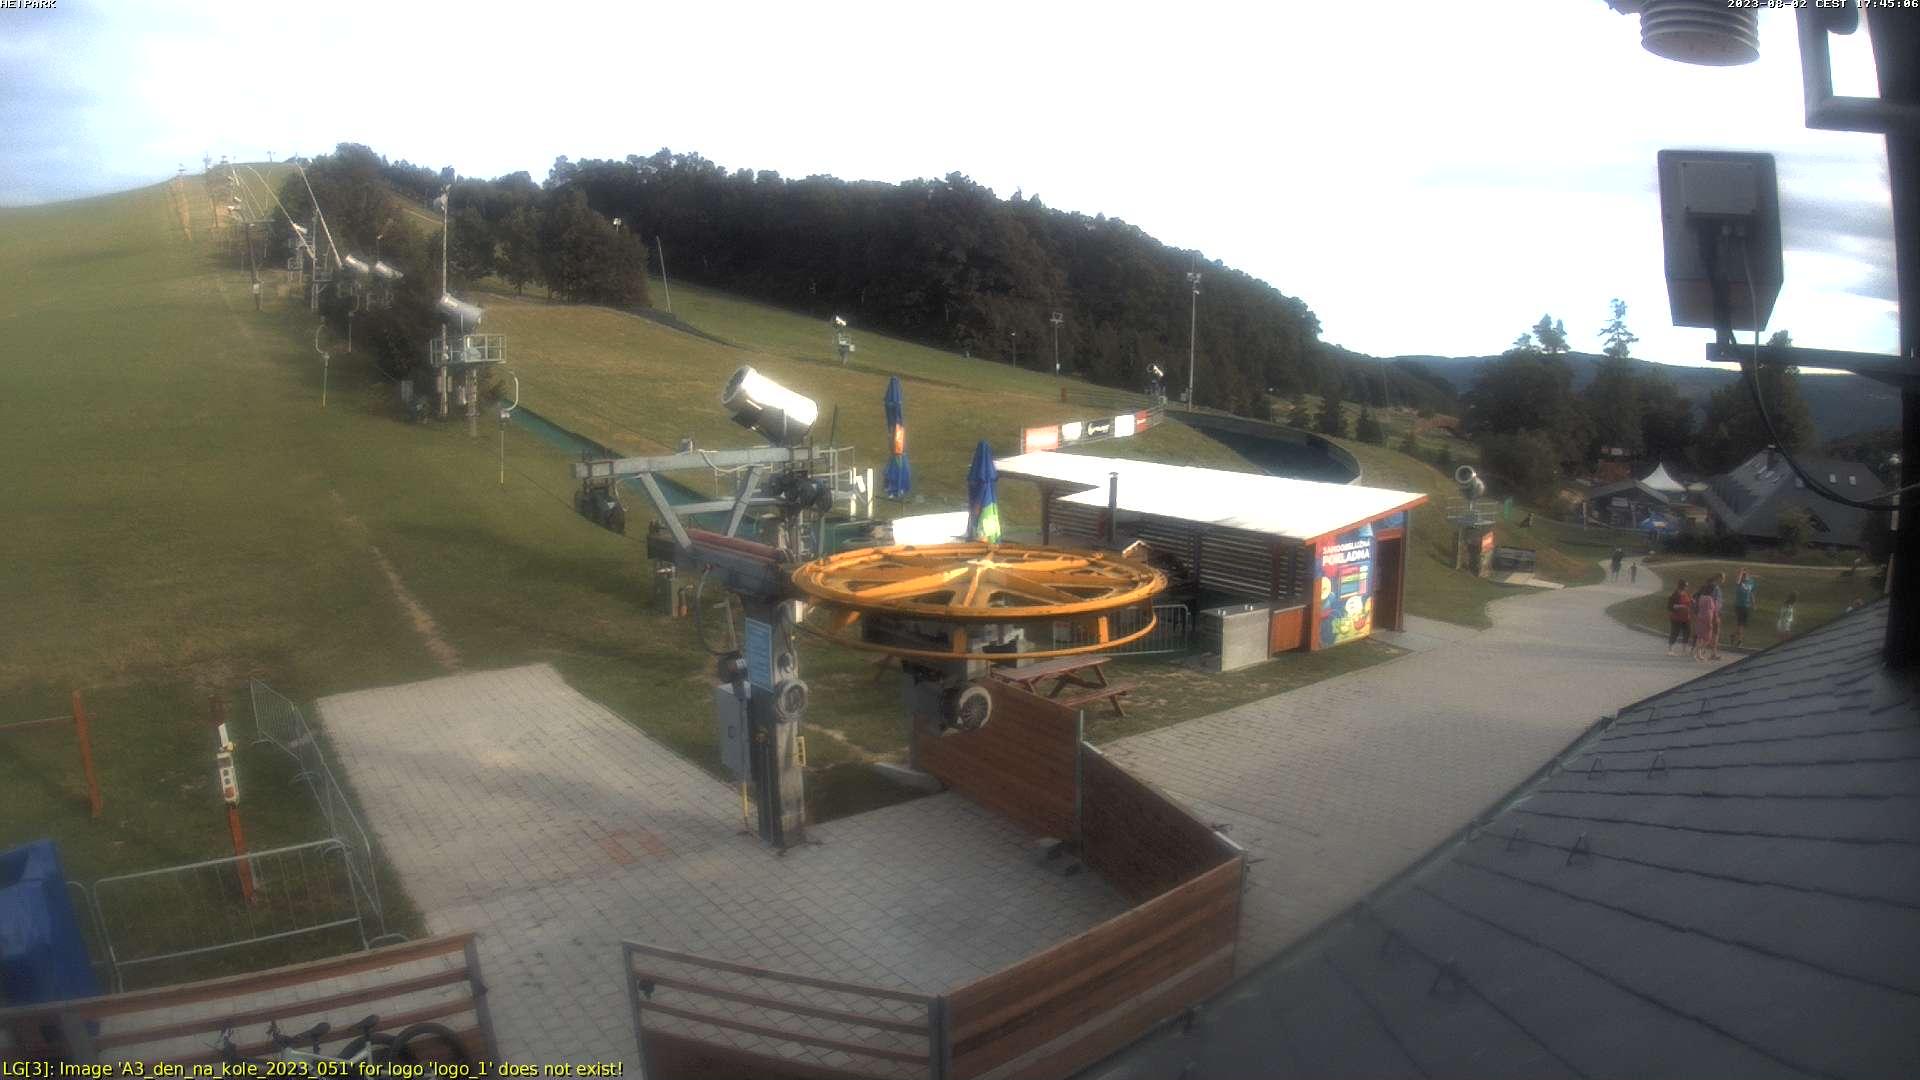 Snímek z webkamery na sjezdovce v HEIPARKU Tošovice